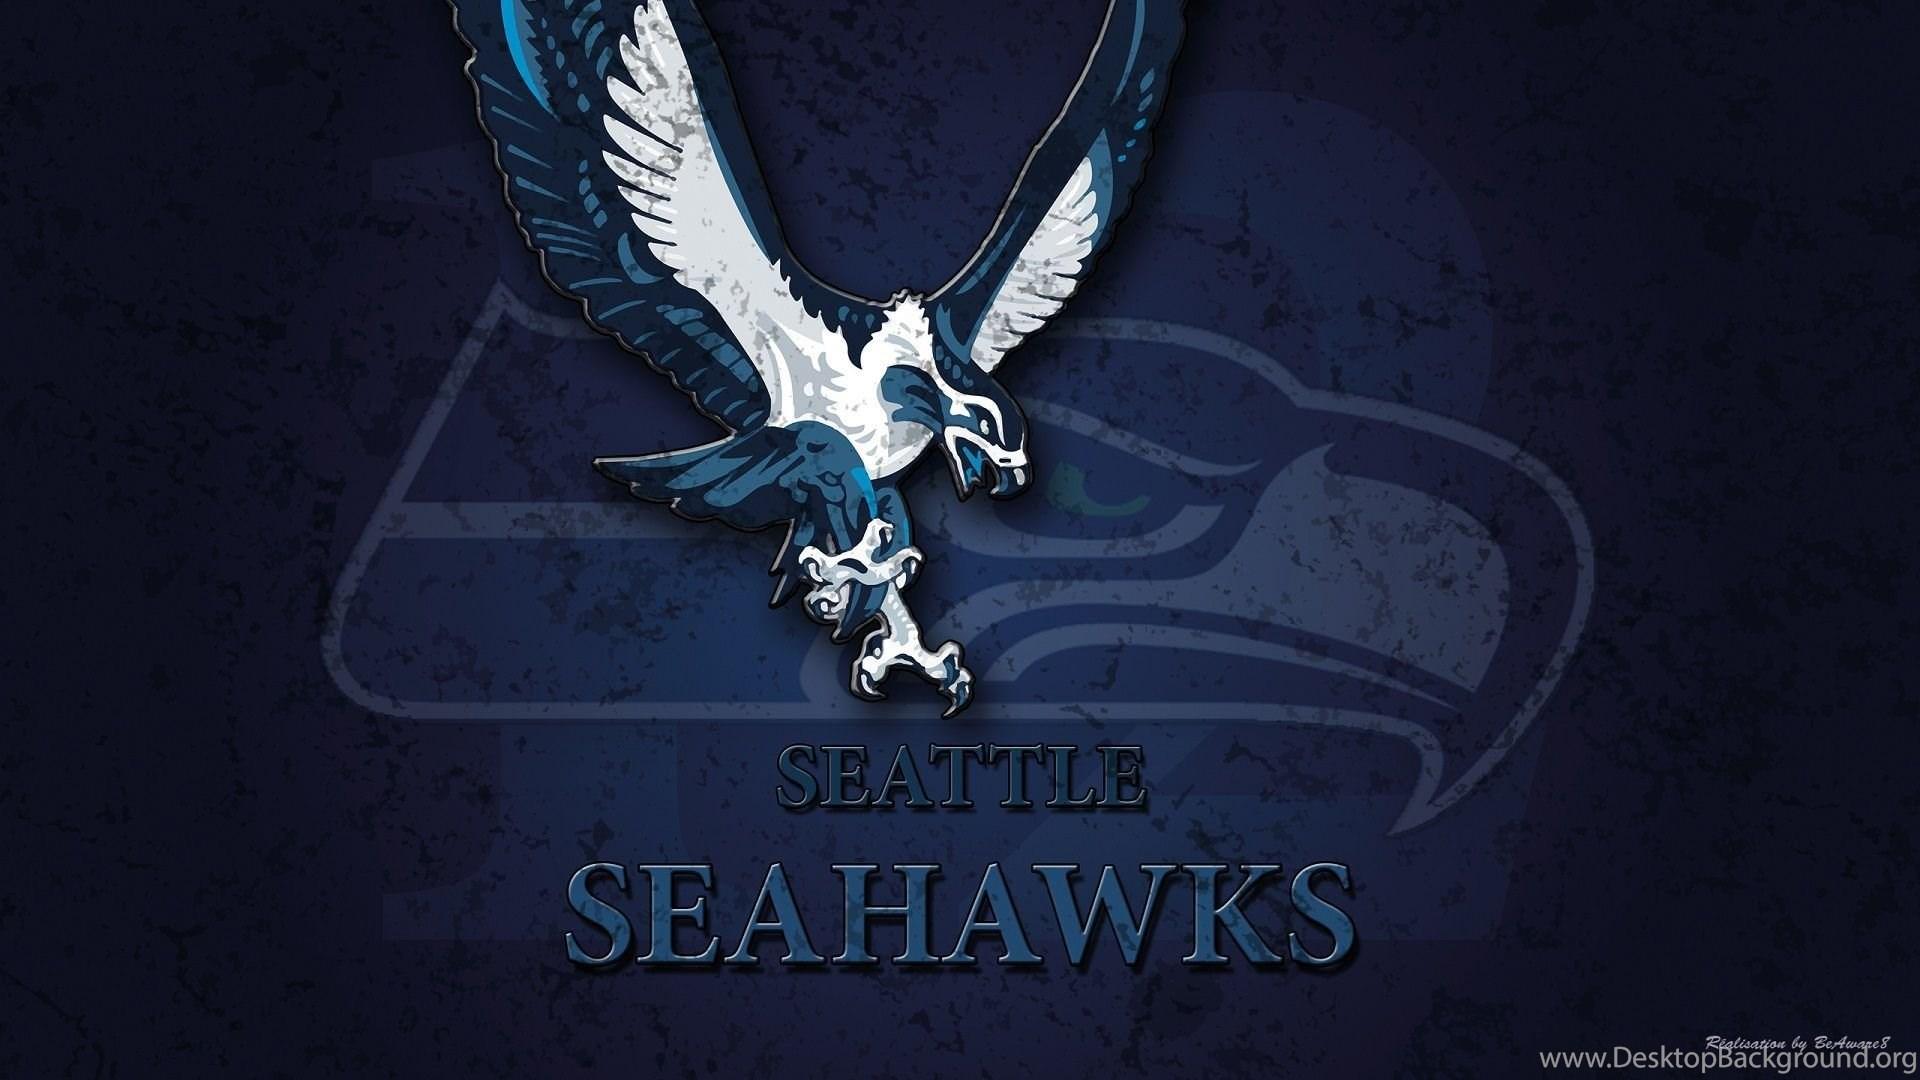 Seattle Seahawks Wallpaper 1920x1080: Seattle Seahawks Wallpapers HD Desktop Background